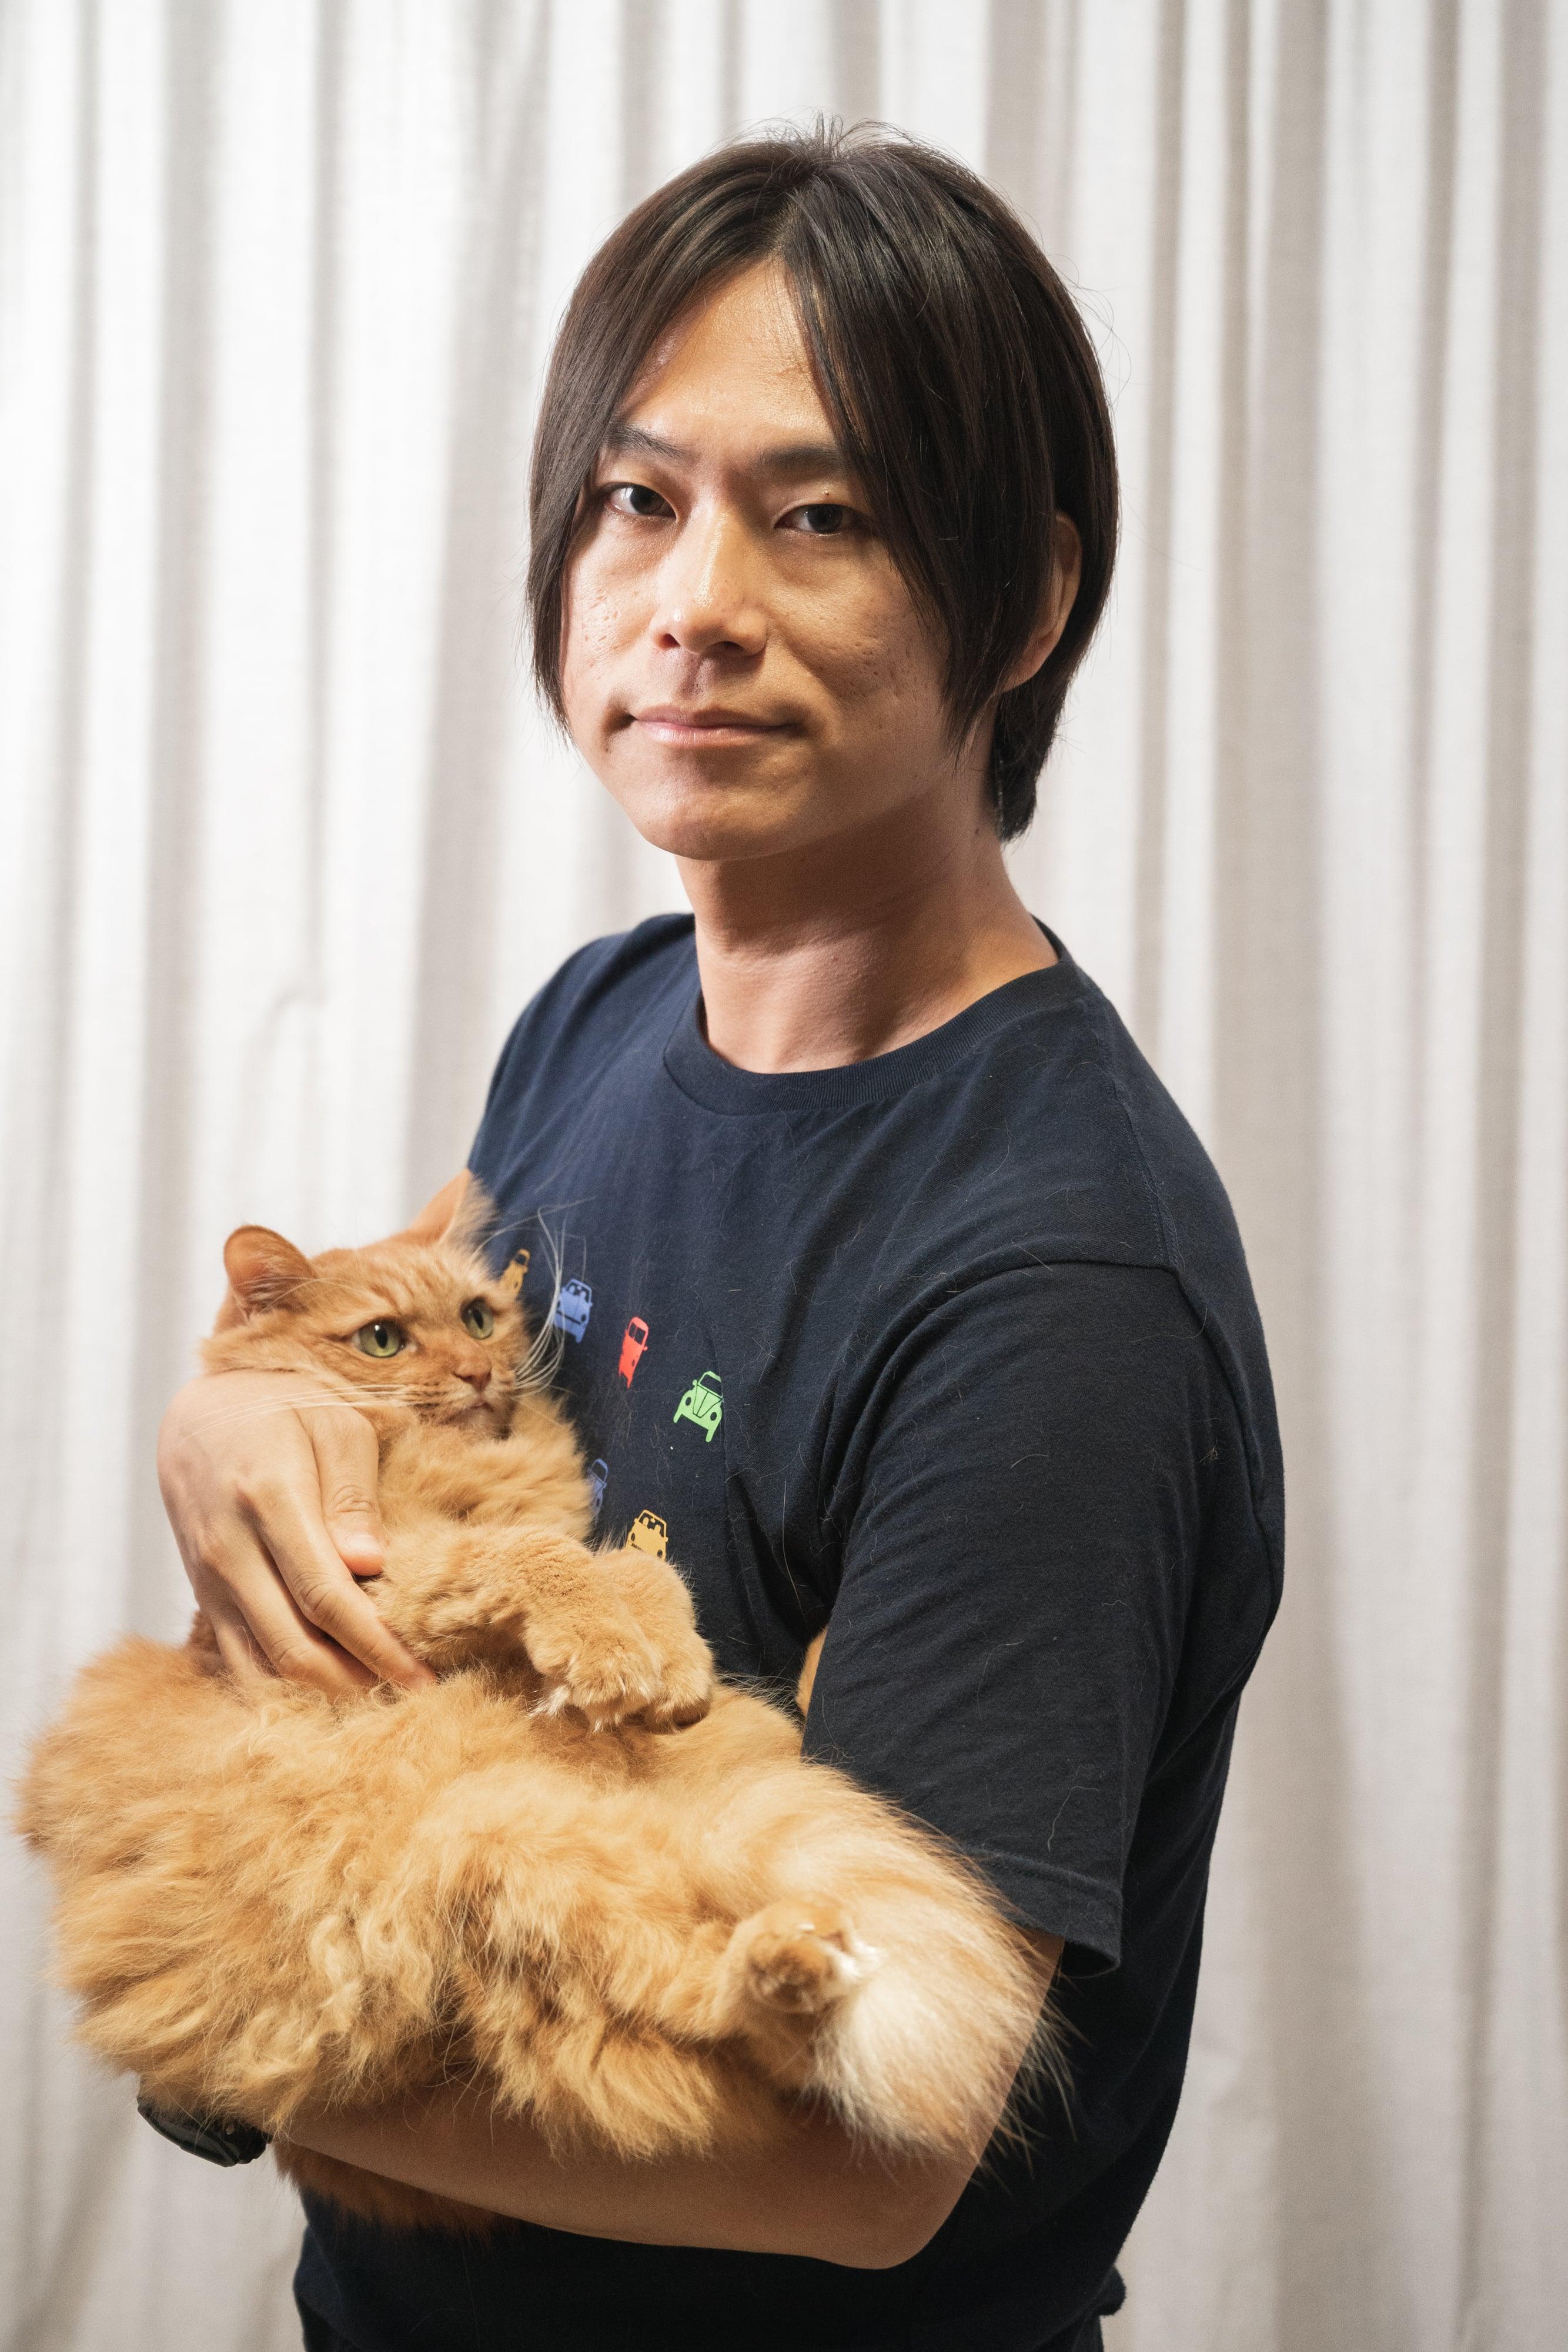 這一人、一貓之間一路走來彼此依賴、彼此成長